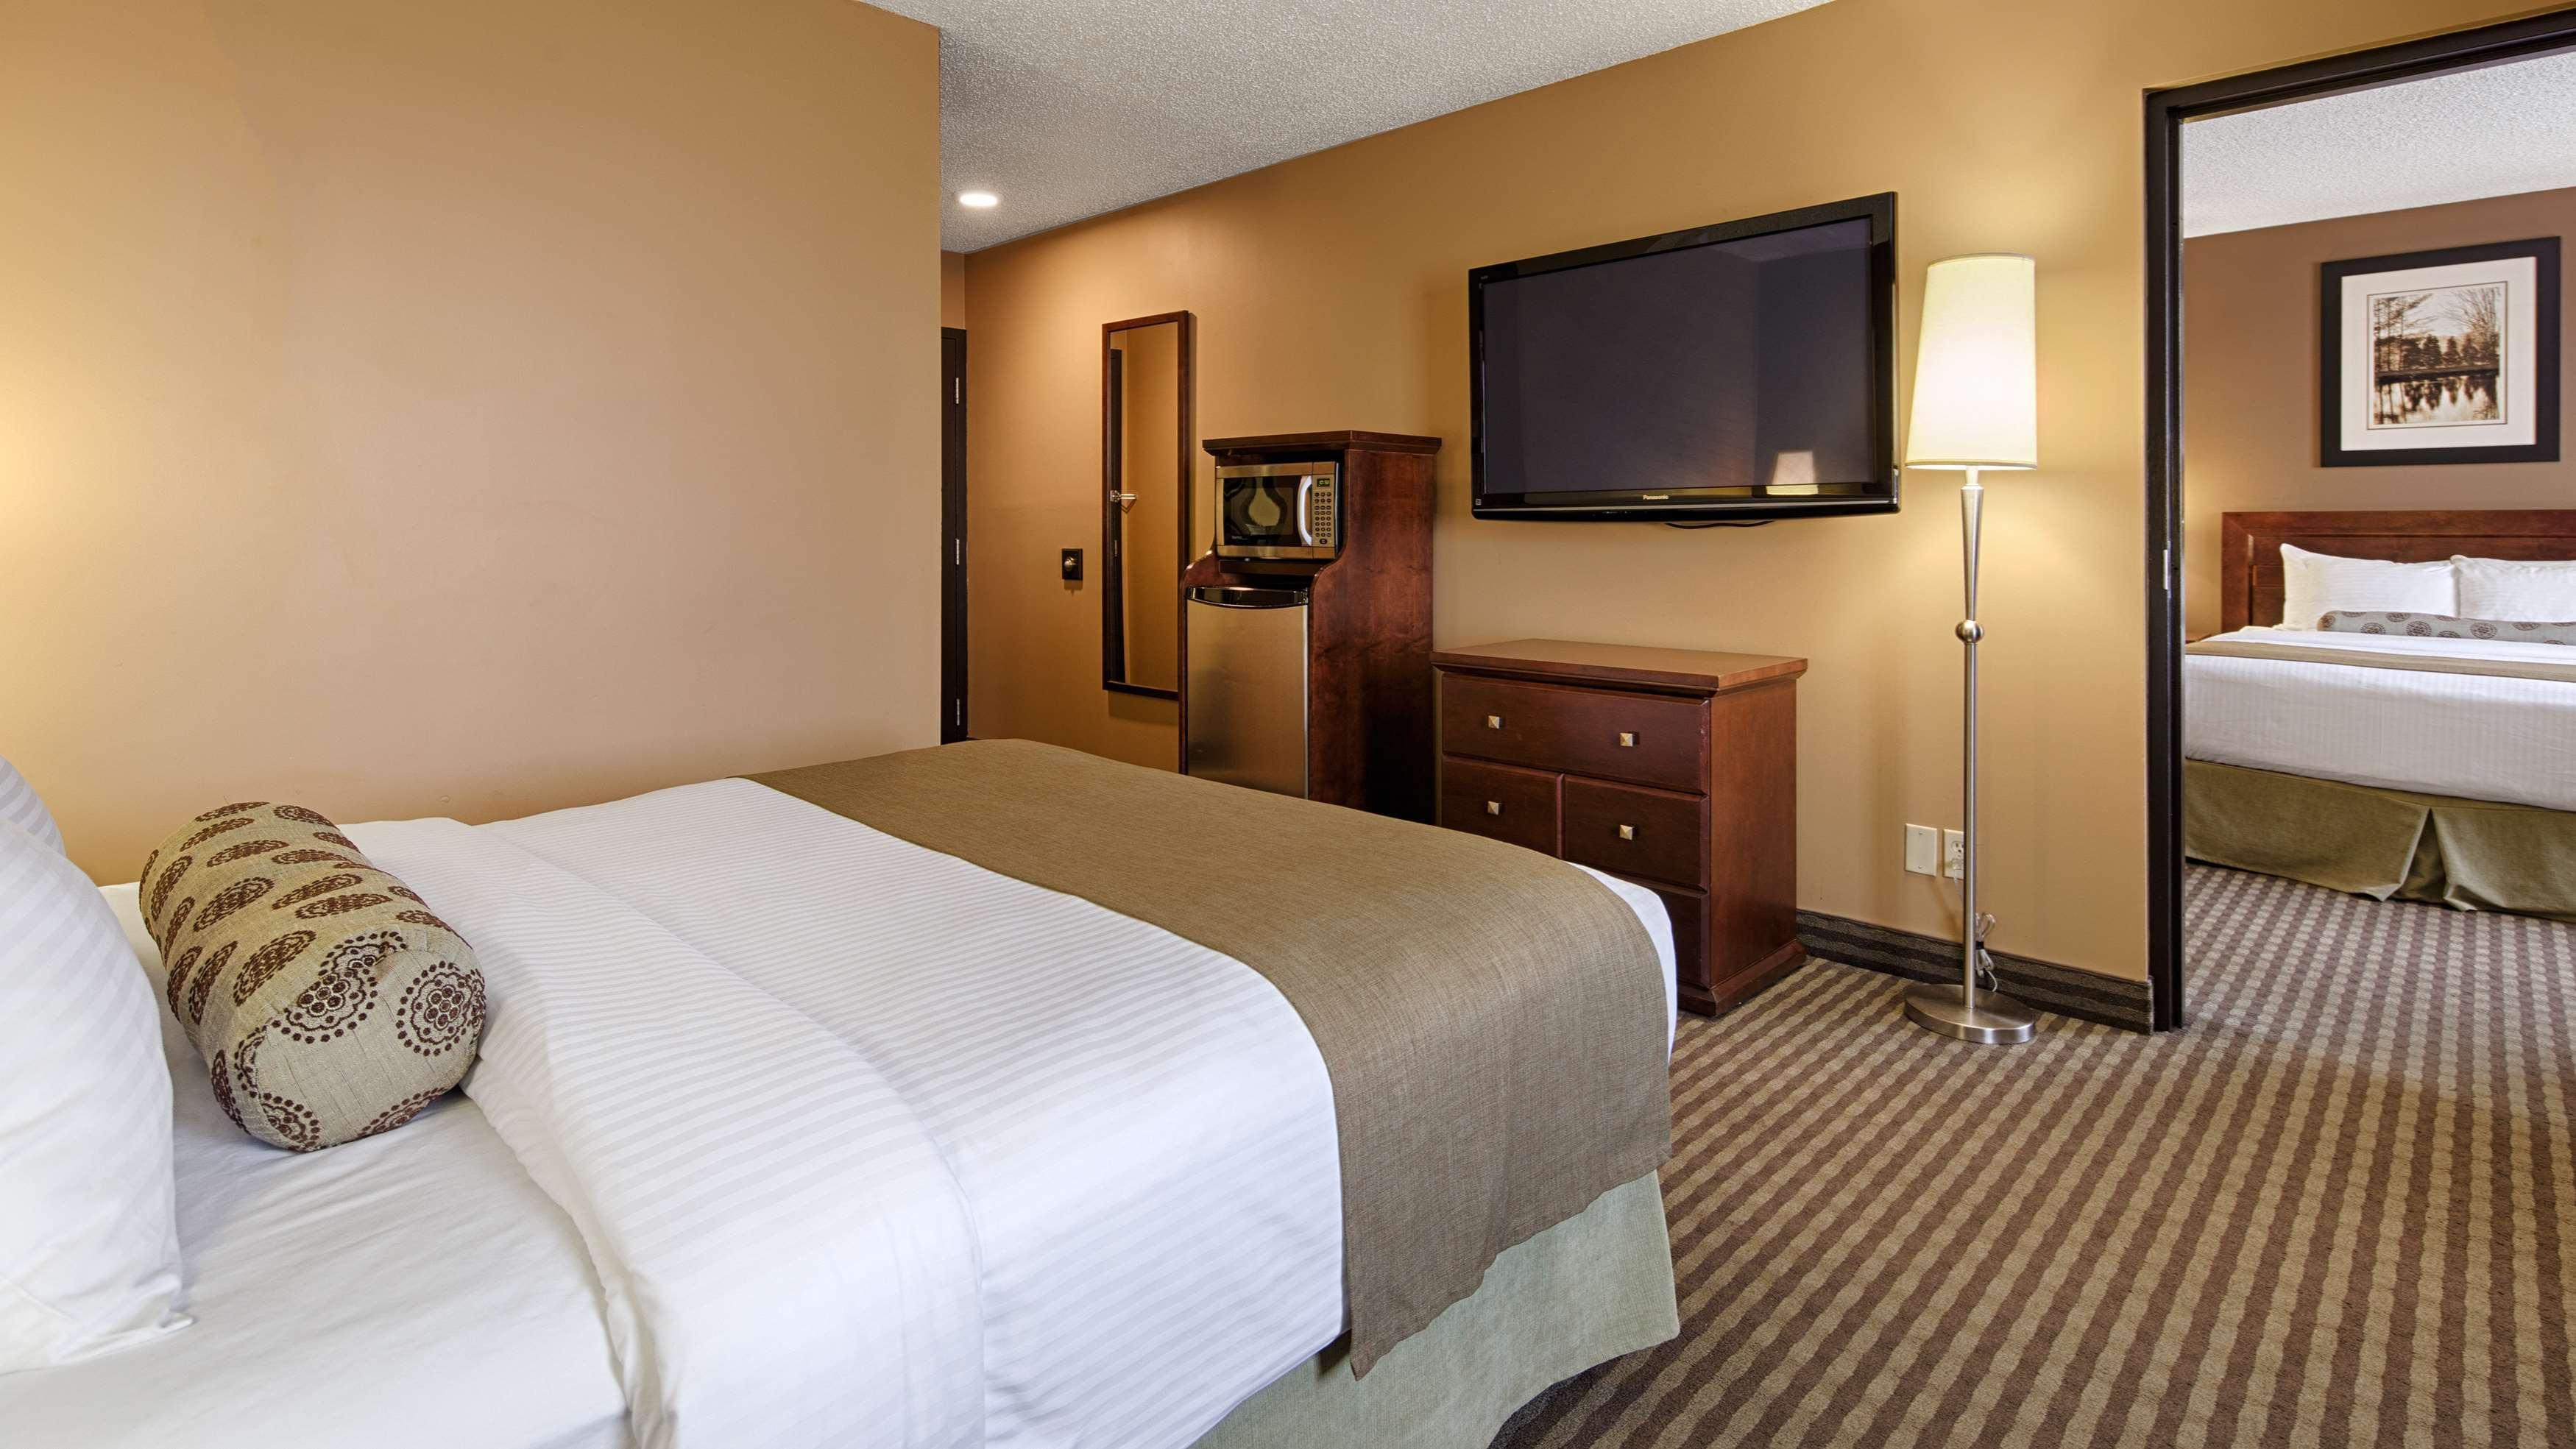 SureStay Plus Hotel by Best Western Seven Oaks in Regina: Two Bedroom Suite